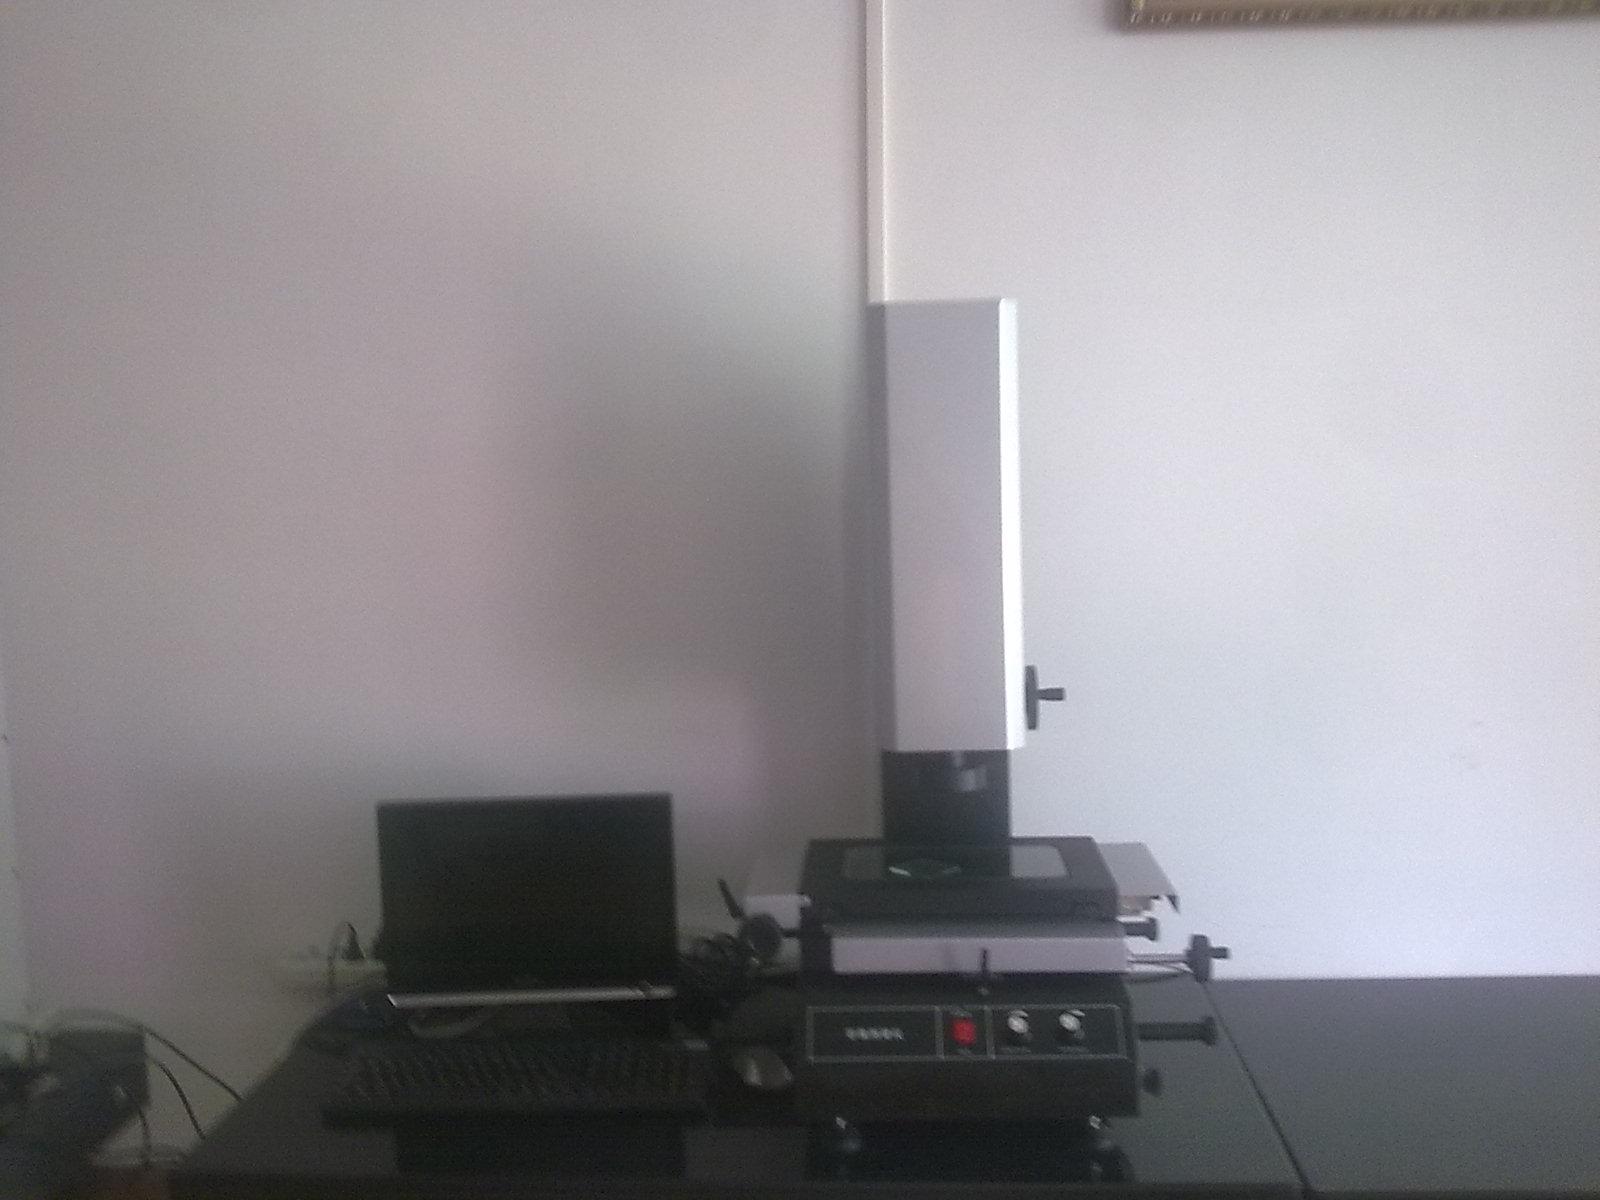 vms2010二次元测量仪